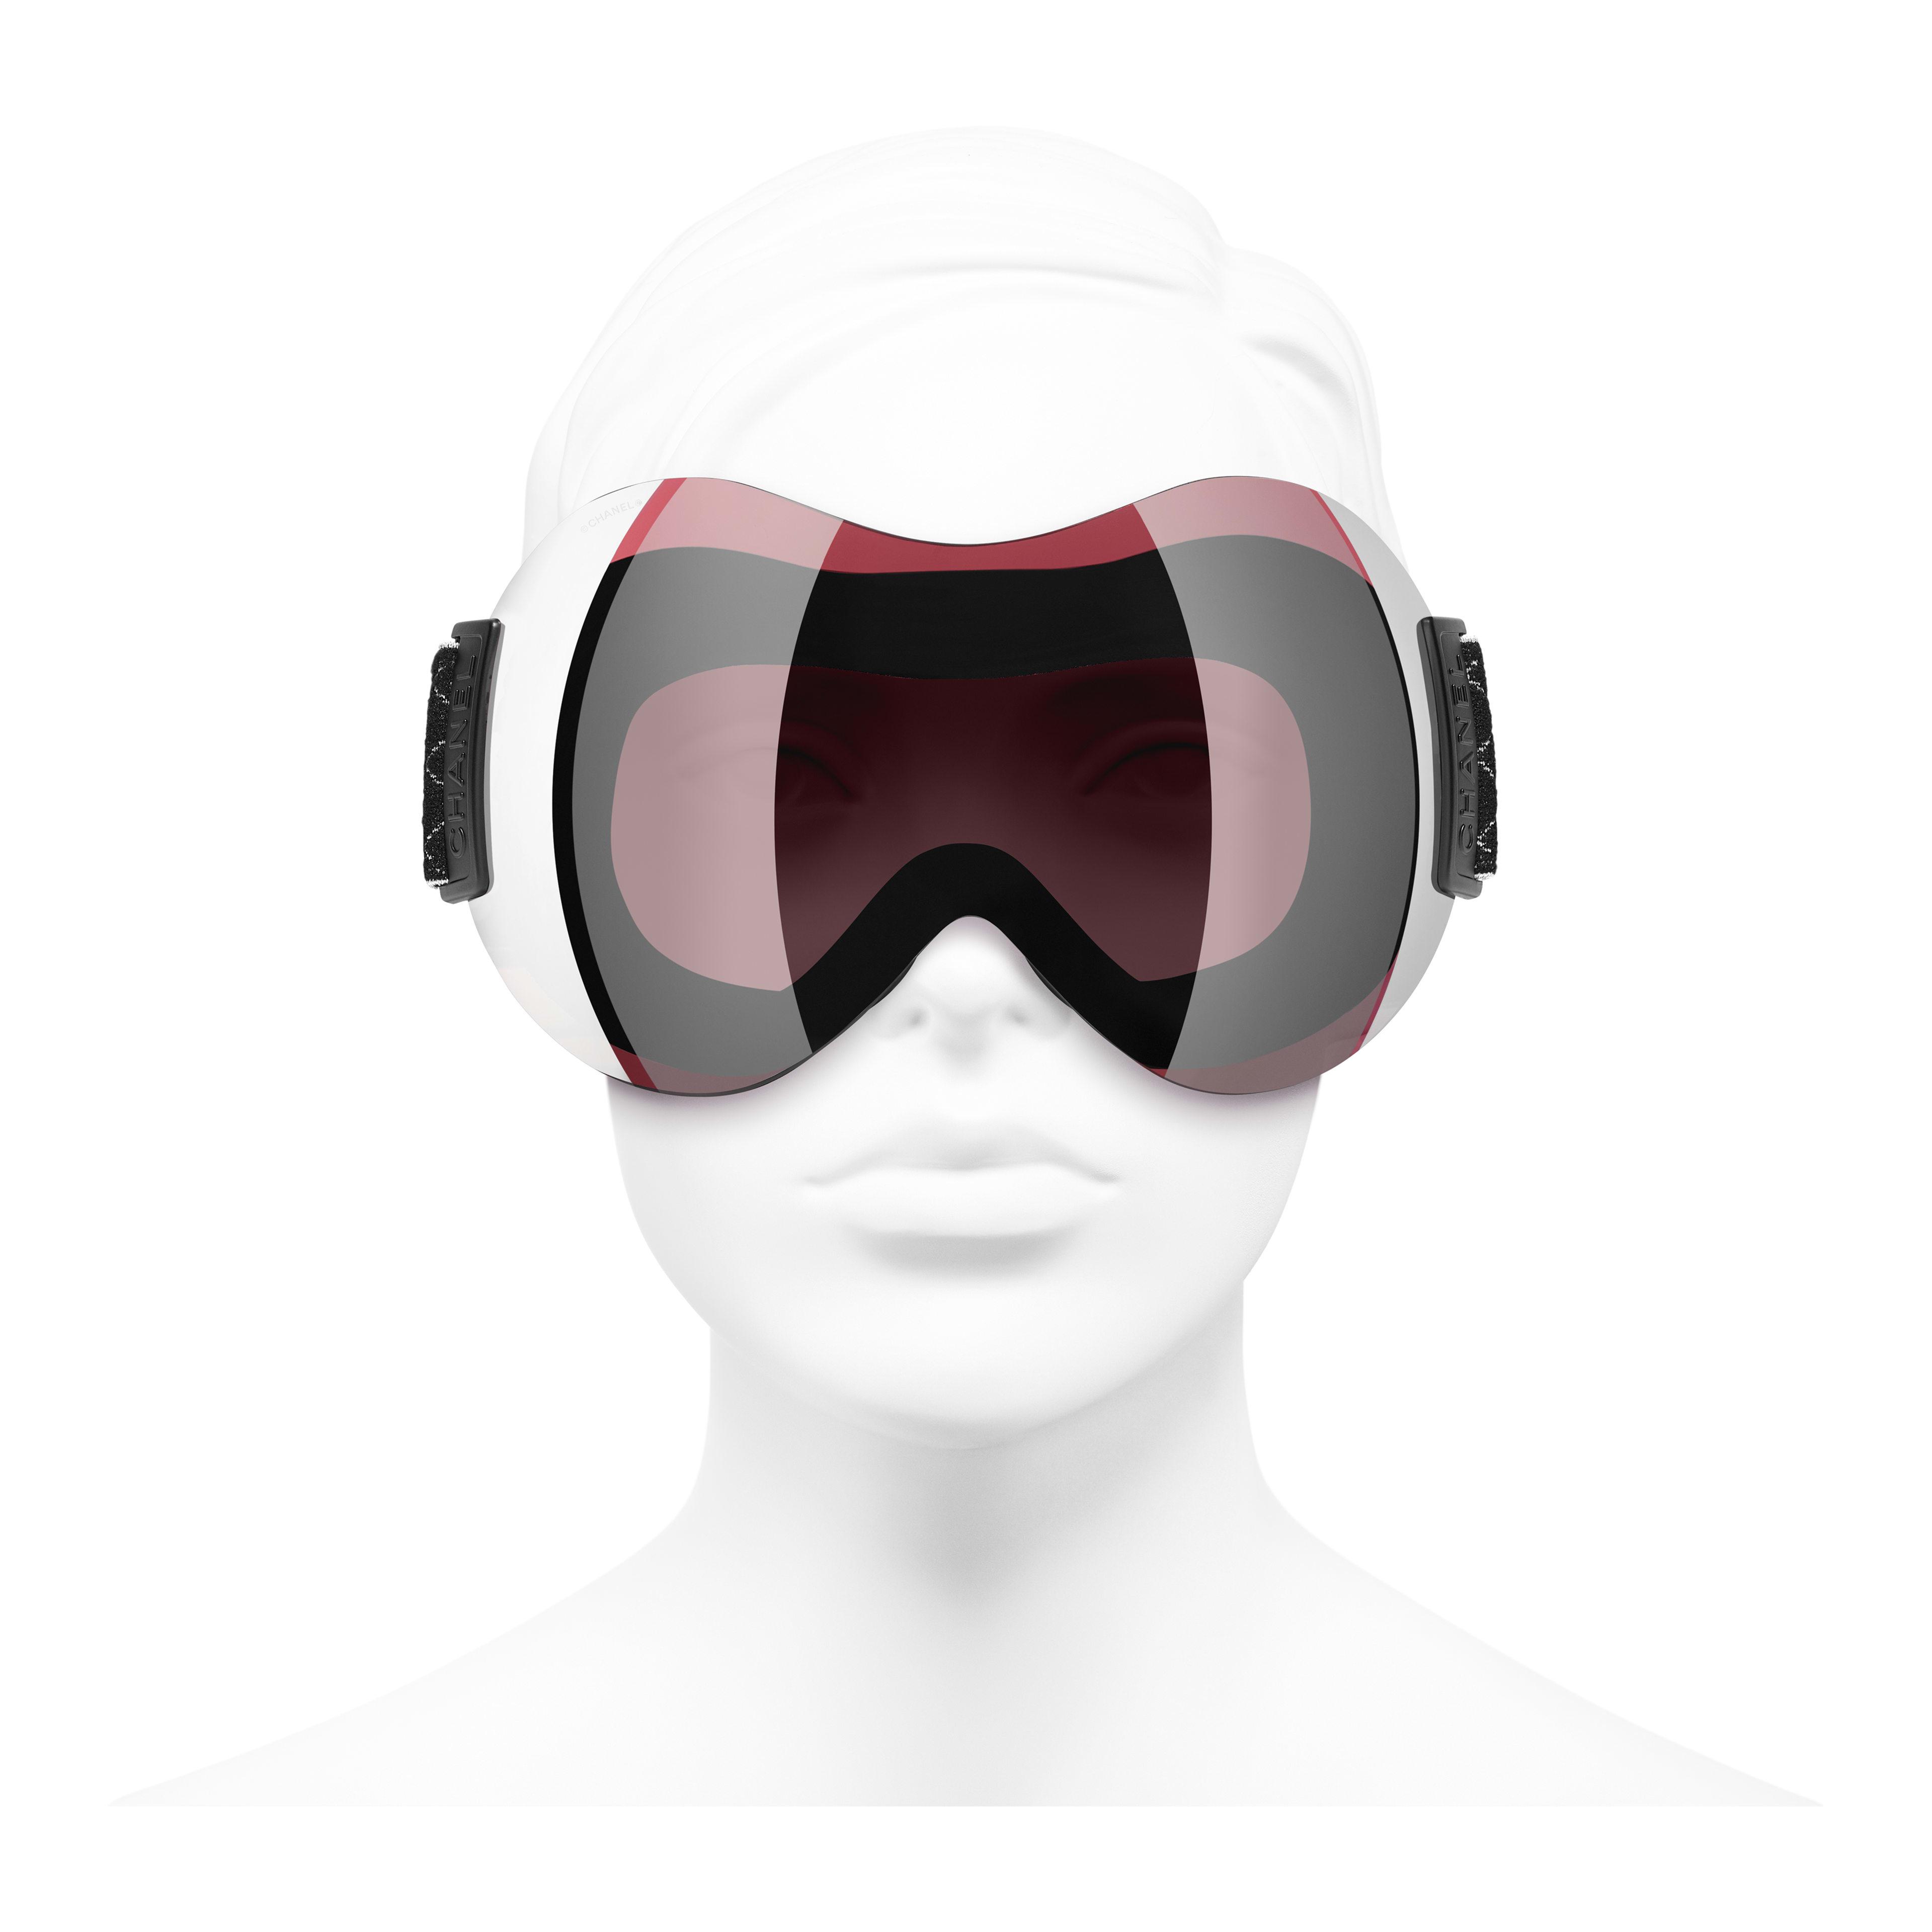 Солнцезащитные очки-маска - Черный - Нейлон - Вид анфас - посмотреть полноразмерное изображение